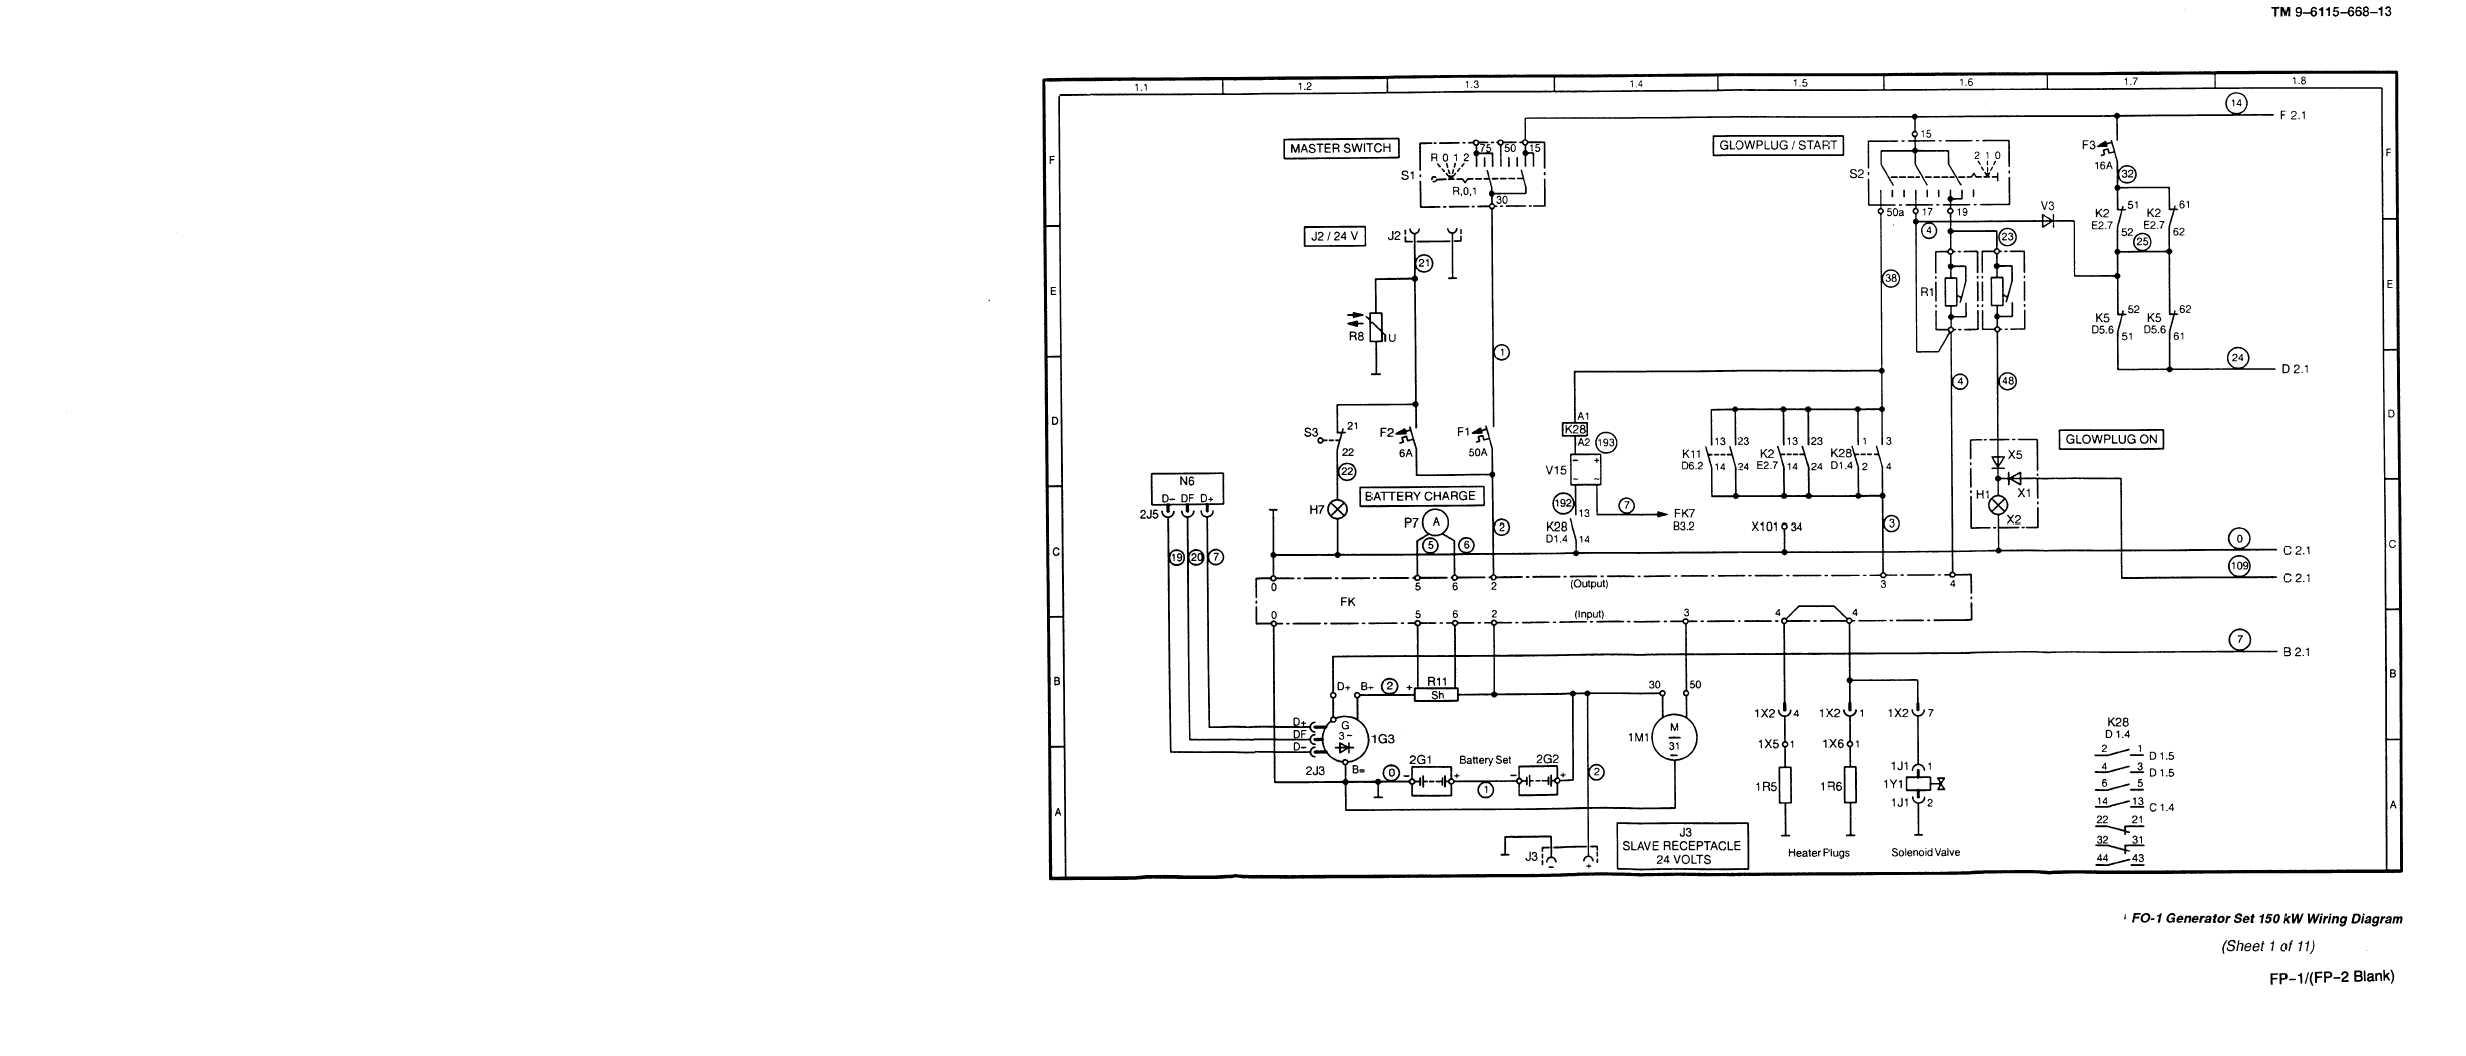 FO-1. Generator Set 150kW Wiring Diagram (sheet 1 of 11)